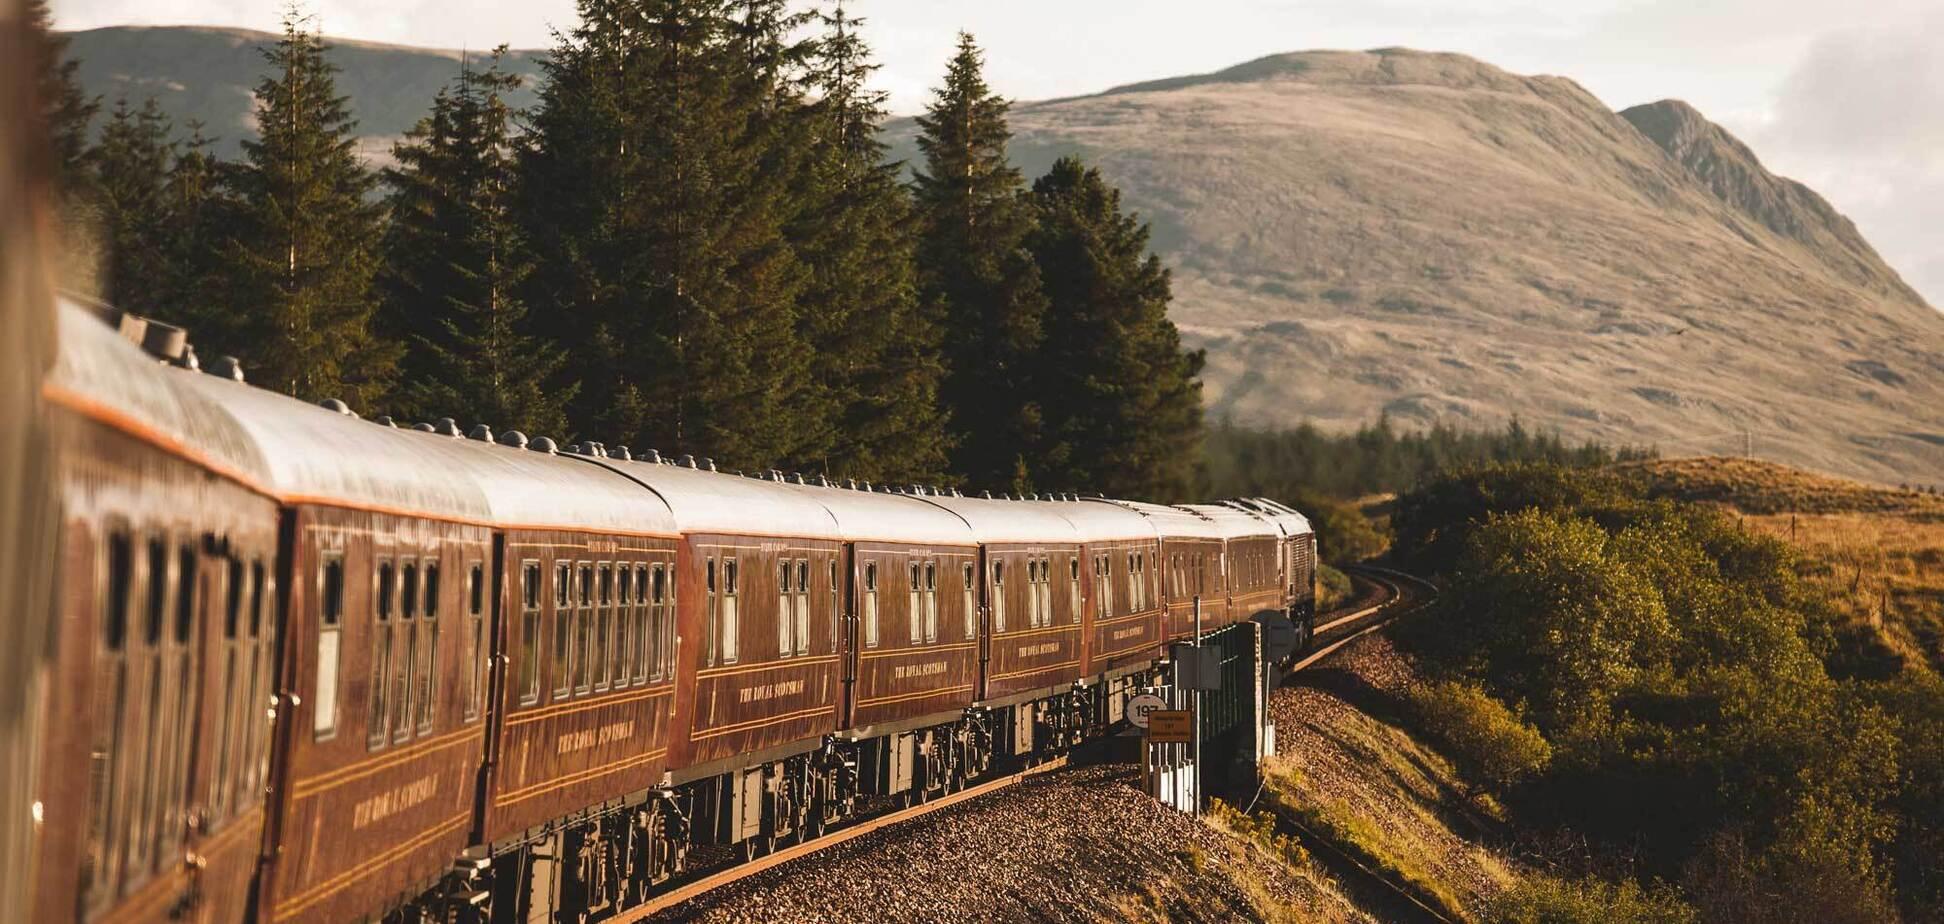 'Укрзалізниця' отдыхает: самые шикарные вагоны поездов в мире. Фото